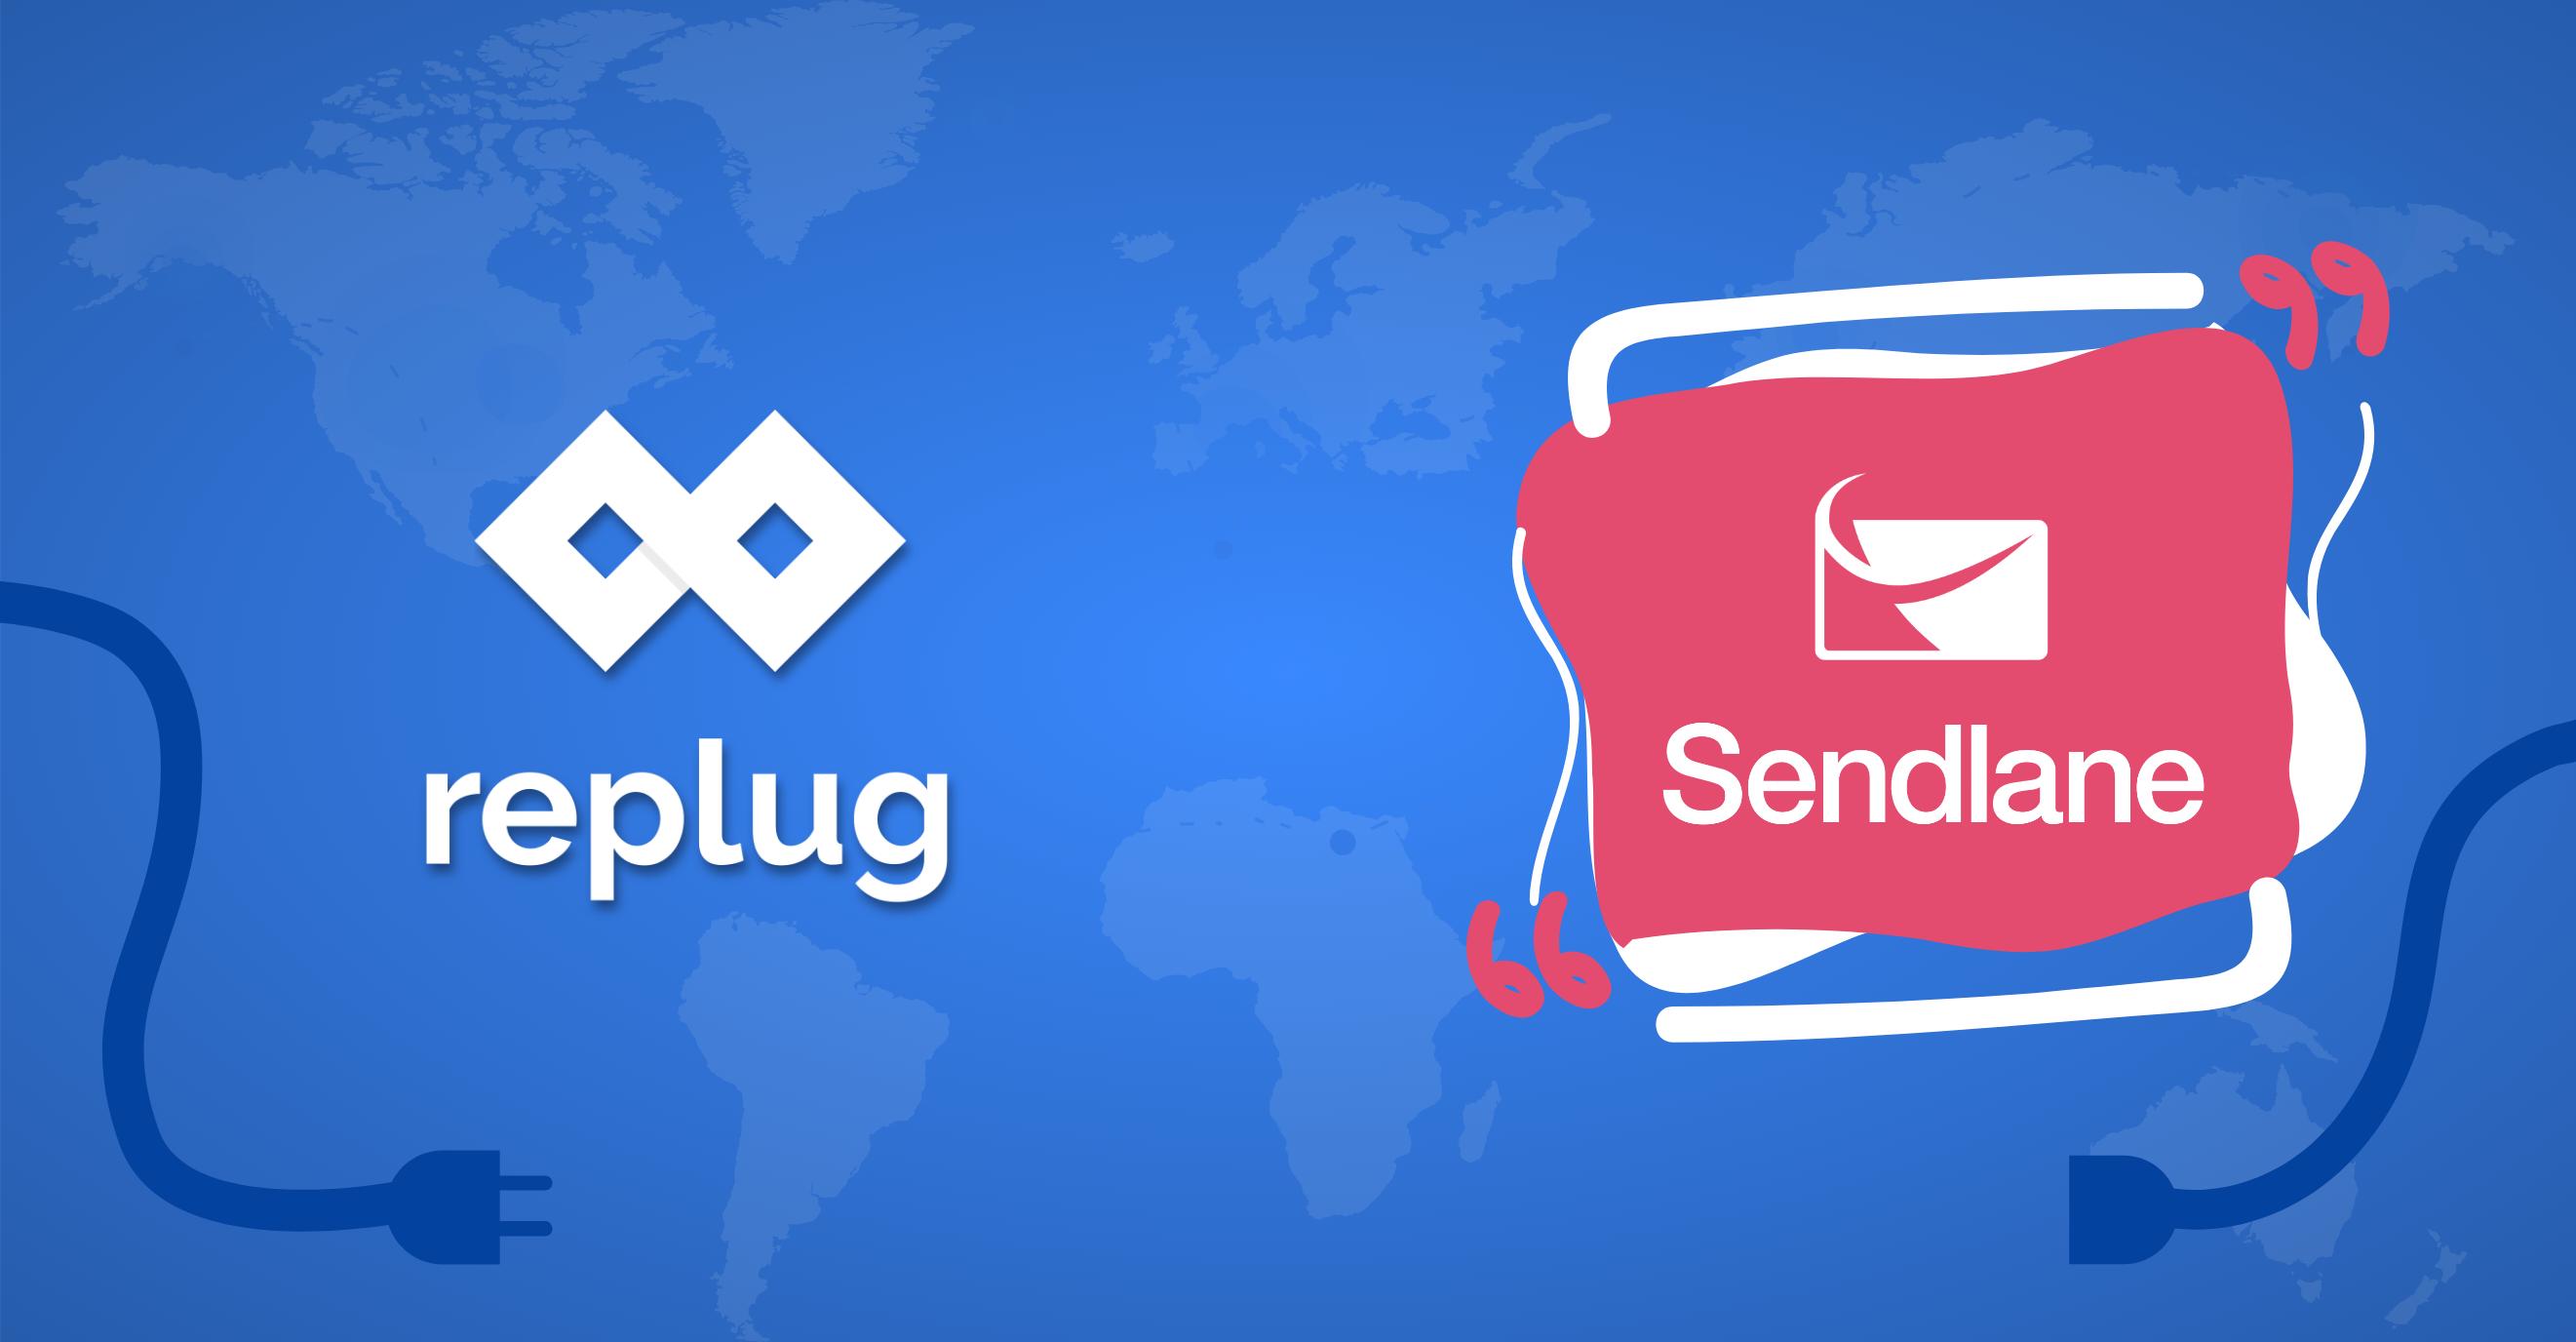 Sendlane+Replug